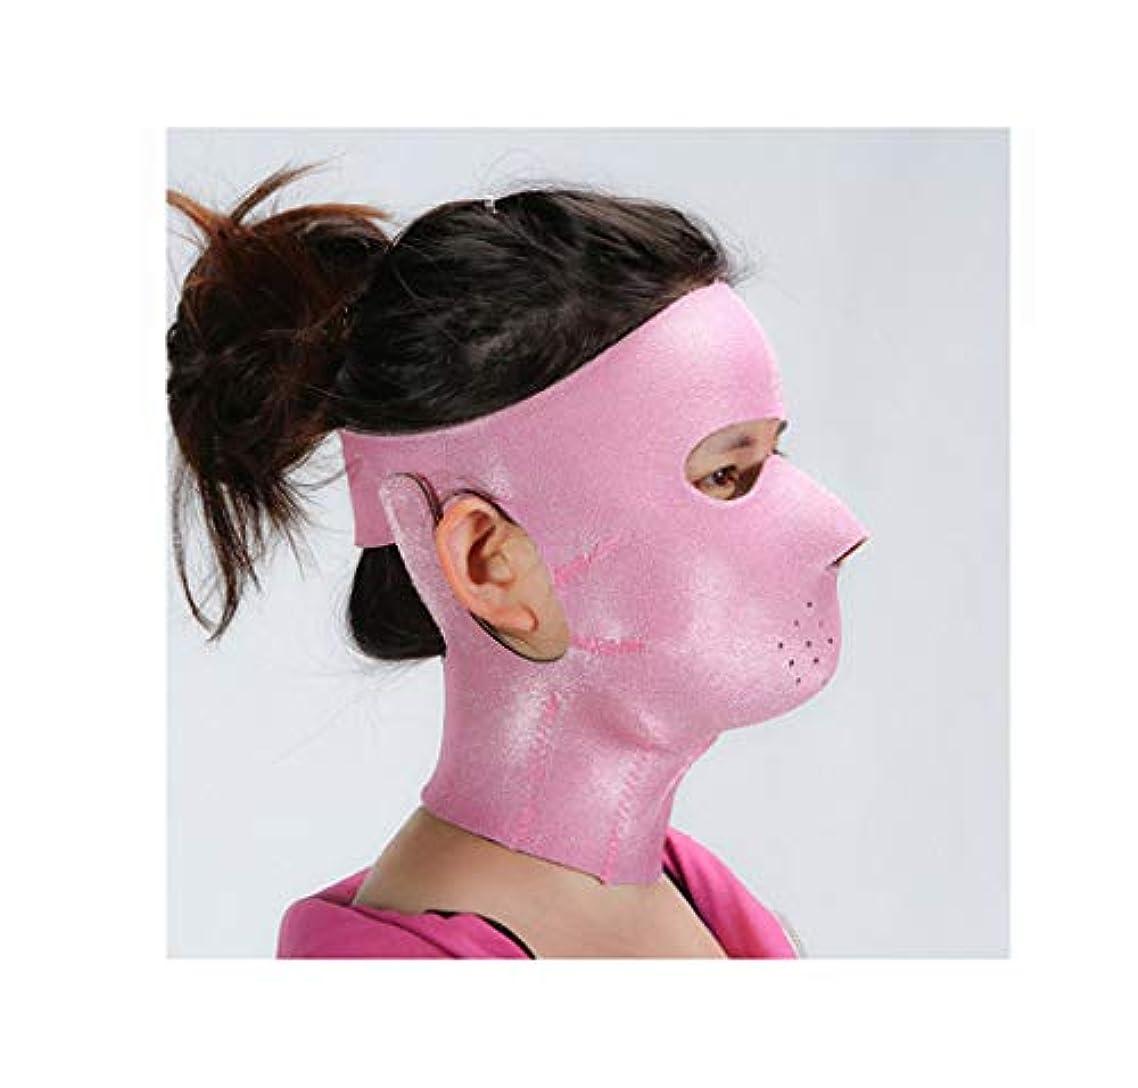 バレーボール支配的のぞき穴GLJJQMY 薄い顔マスクマスクプラス薄いマスク引き締めアンチエイジング薄いマスク顔の薄い顔マスクアーティファクト美容ネックバンド 顔用整形マスク